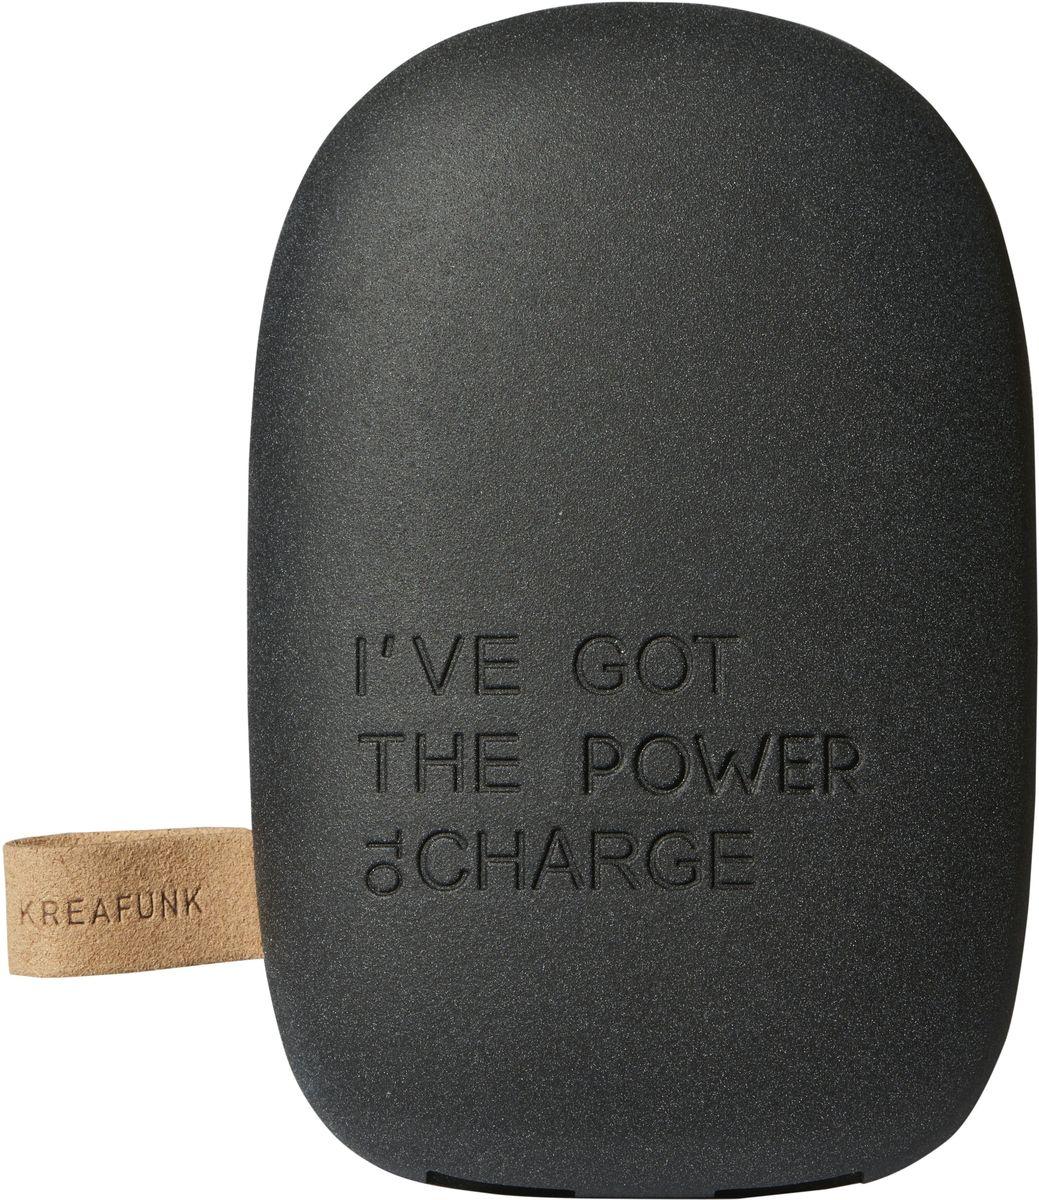 Kreafunk toCHARGE, Black внешний аккумуляторKfsk80Небольшой и изящный аккумулятор в стильном дизайне. toCHARGE гарантирует, что ваш смартфон, планшет или другие портативные устройства не останутся без энергии. Благодаря компактному размеру аккумулятор удобно носить с собой. Он идеально подходит для путешествий, долгих прогулок или встреч вне дома или офиса. В корпусе предусмотрено два USB порта, что позволяет одновременно заряжать два устройства. Мешок для хранения в комплекте. Аккумулятор упакован в красивую деревянную коробку, которую украшают слова из популярного сингла 90-х: «I've got the power».Технические характеристики:Литиевый аккумулятор 6000 мАч4 LED светоиндикатор оставшейся емкости батареи и статуса зарядкиВстроенный микропроцессор для предотвращения избытка и недостатка зарядки, перегрузки и короткого замыканияПодходит для iPhone Android, PSP, MID, мобильных телефонов, MP3, GPS и похожих устройствАвтоматическое включение и выключение питанияВыходная мощность 5В/1A & 5В/2.1AПродолжительность зарядки: 7-8 часовЗарядный кабель USB в комплектеМеждународные сертификаты: CE, FCC, RoHS, WEEE